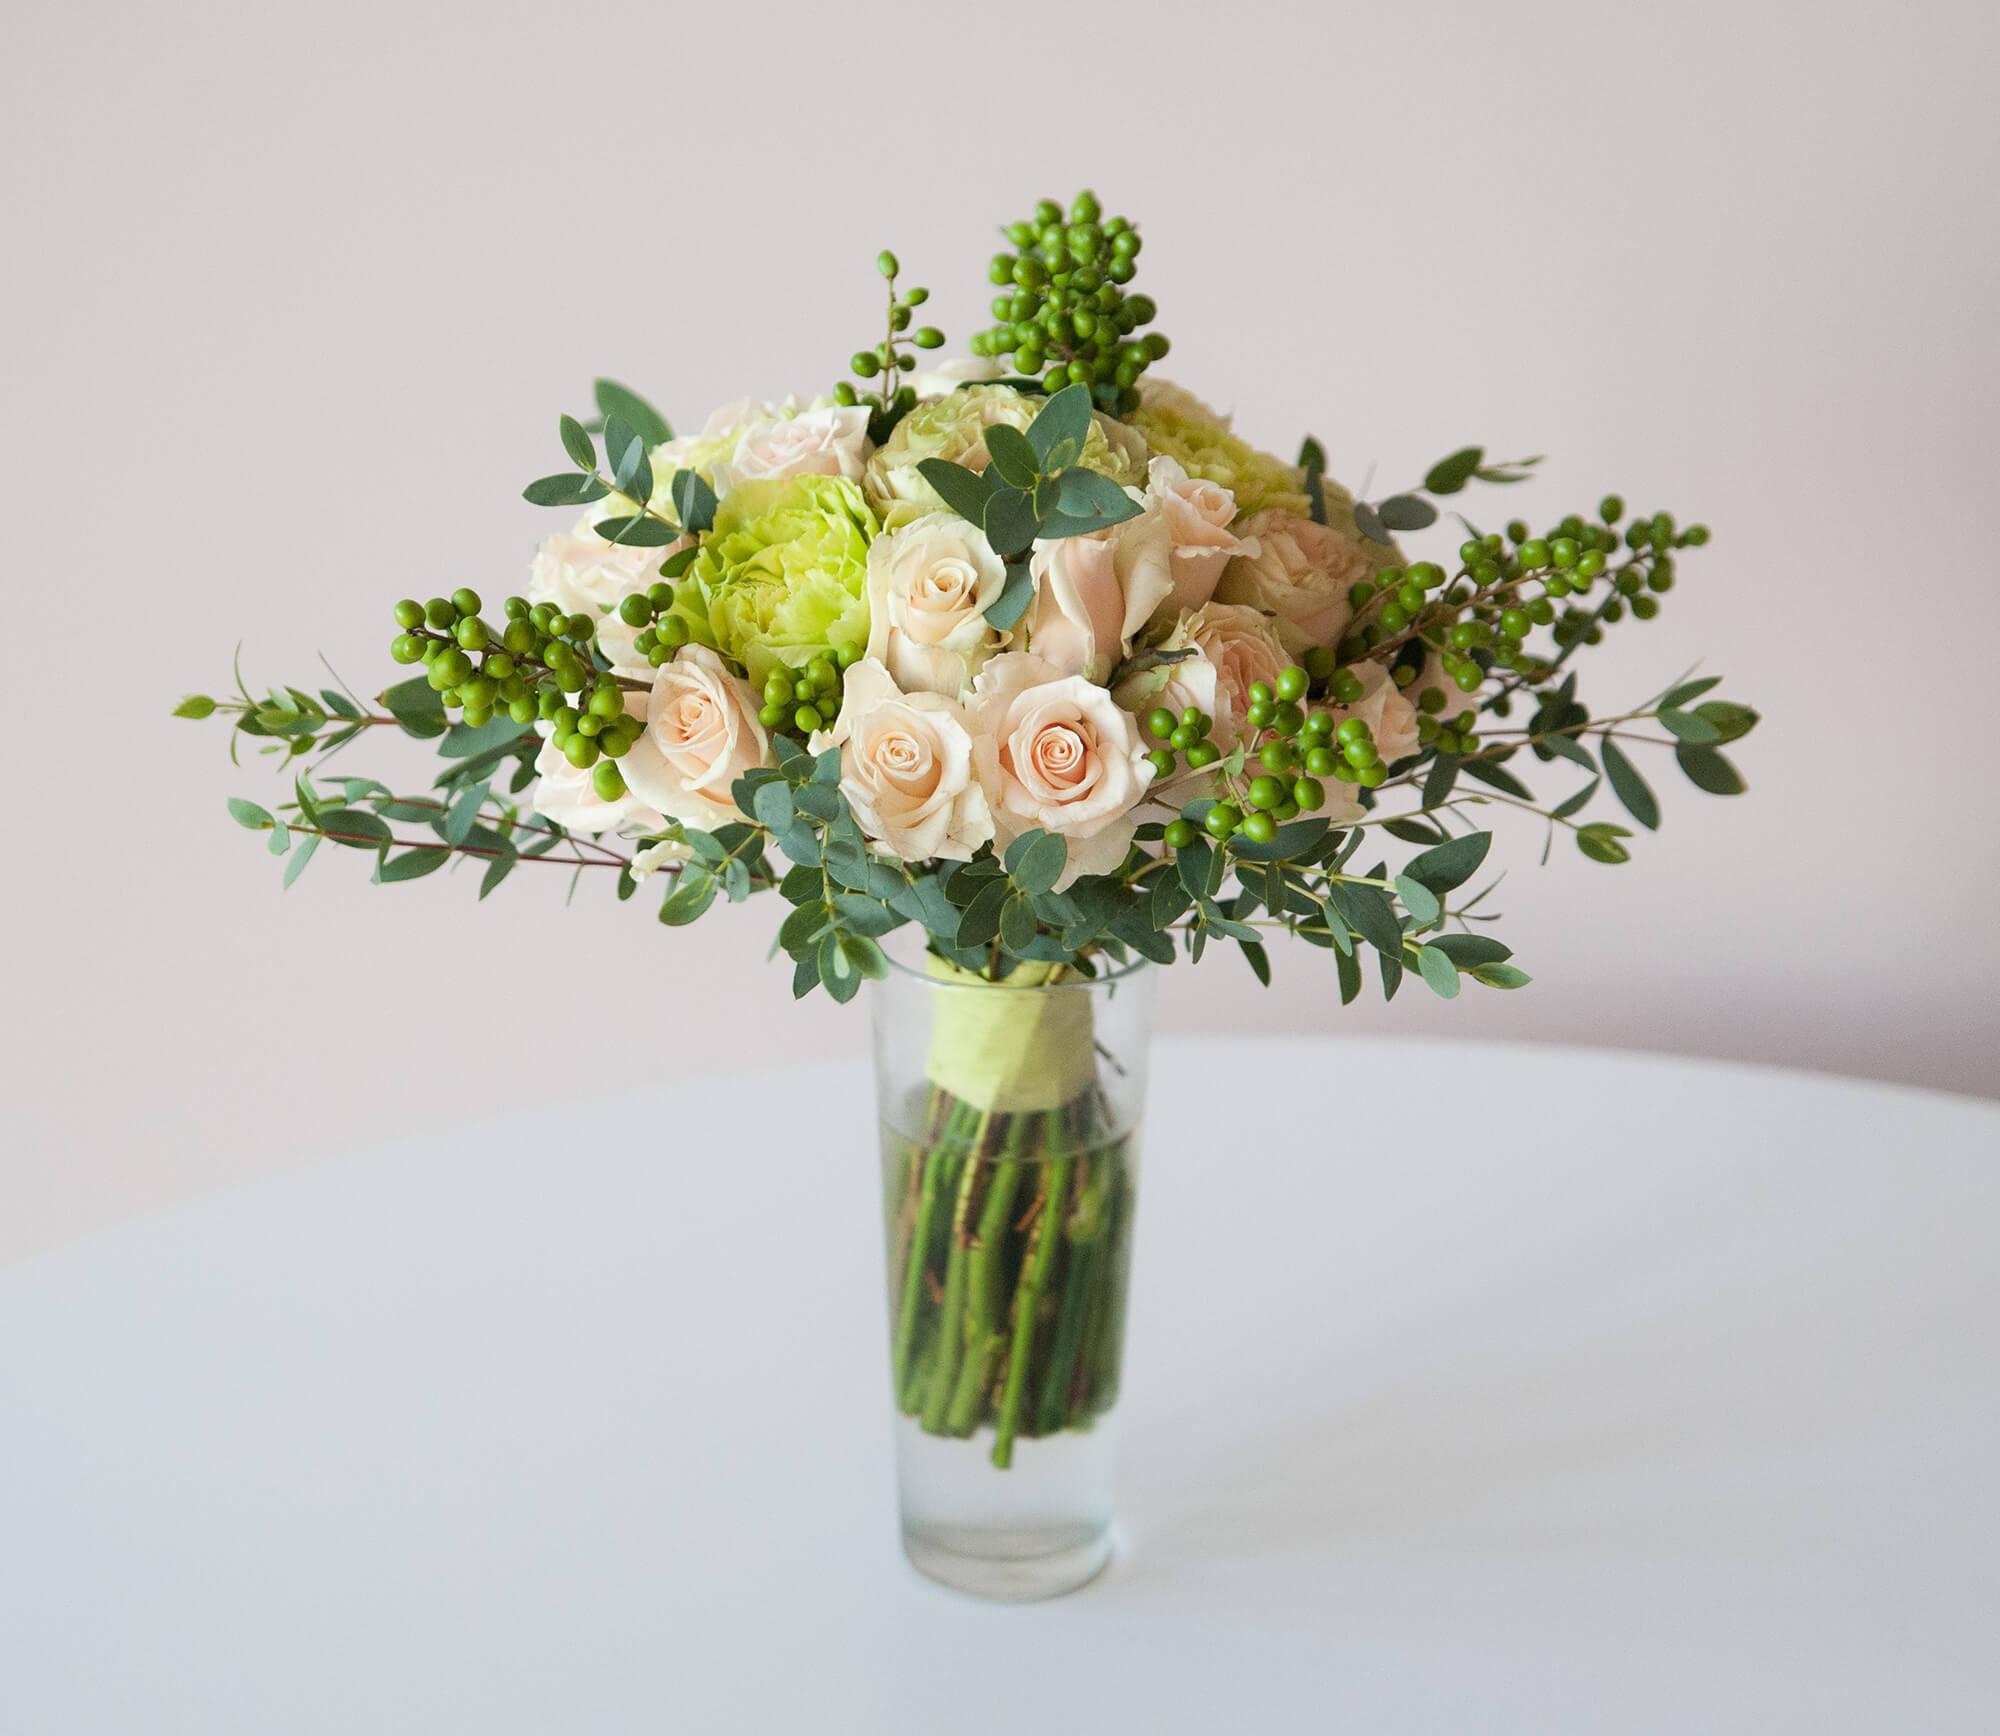 Свадебный букет салатово-розовый и роз, гвоздик, эвкалипта